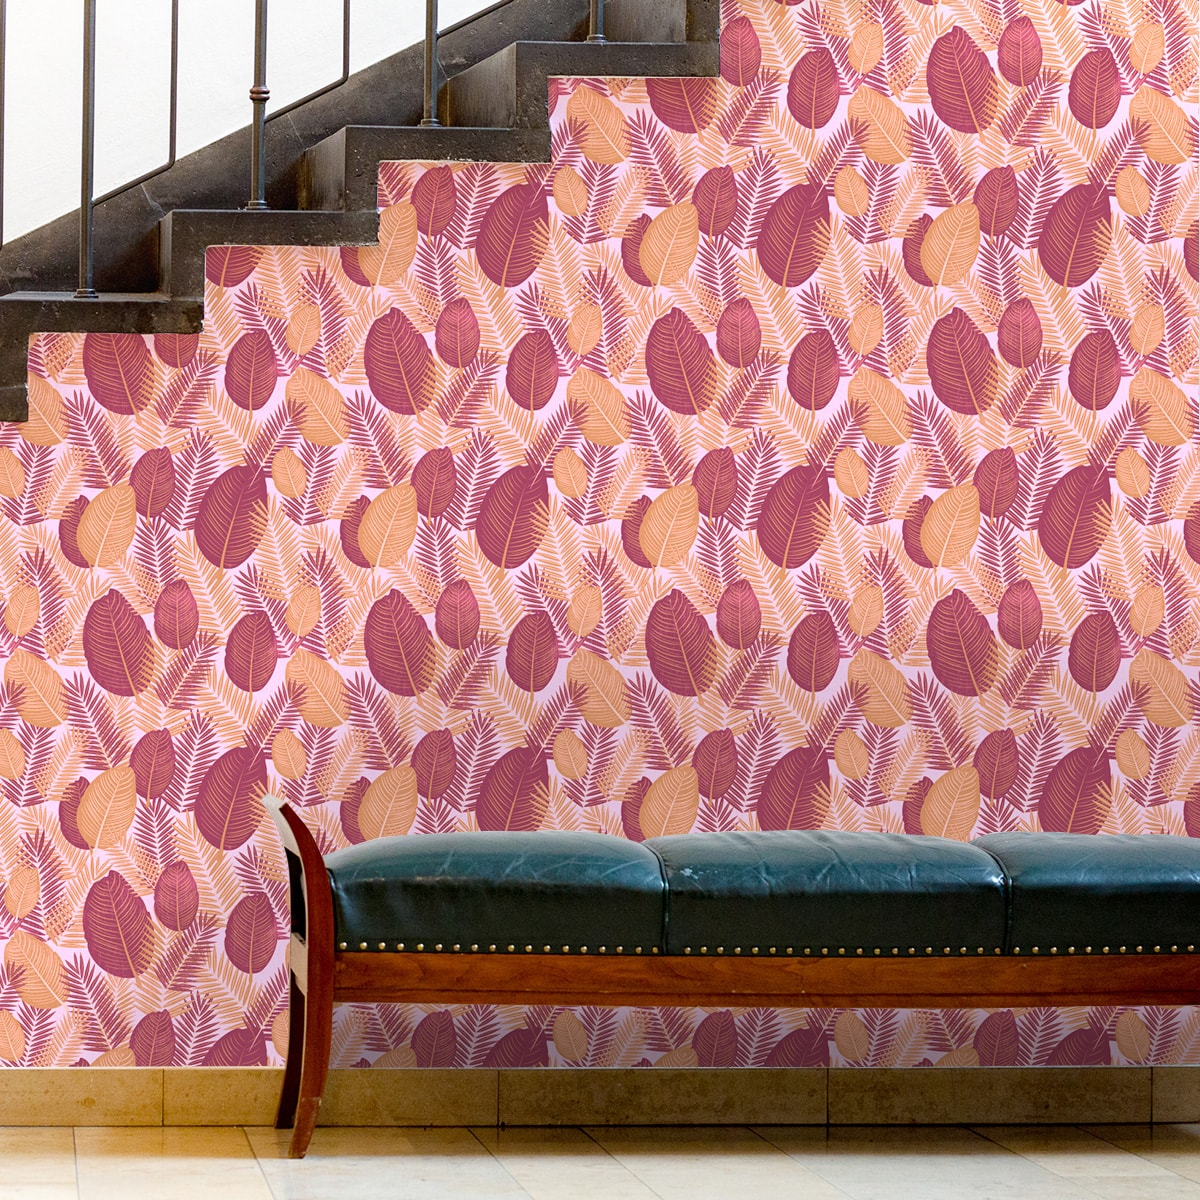 Rote Dschungel Tapete mit großen Blättern, rote Vlies Tapete, üppige, moderne Wanddeko für Flur, Büro